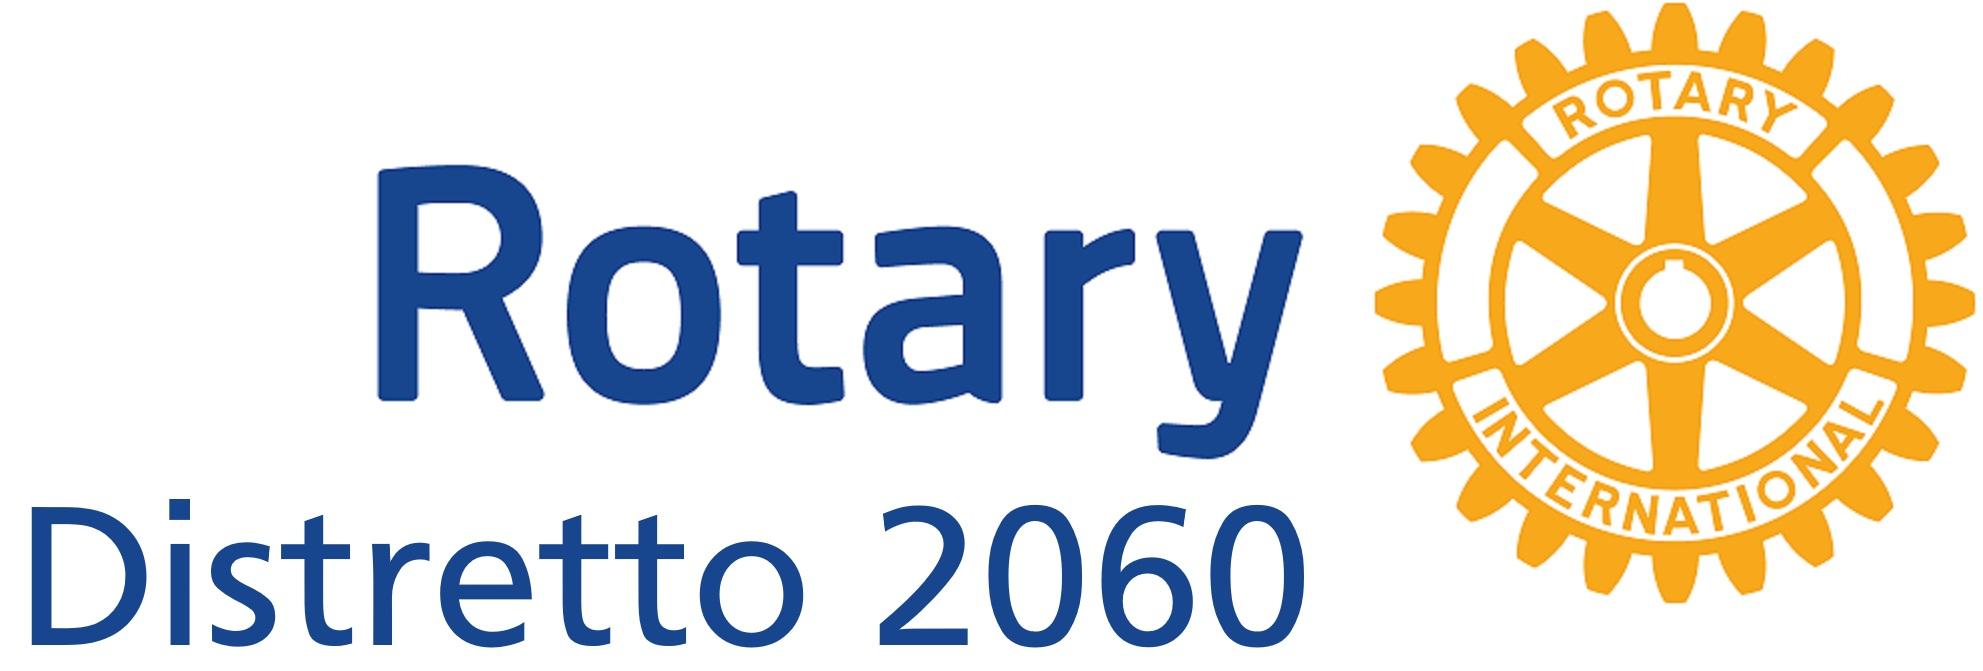 RI Distretto 2060 logo